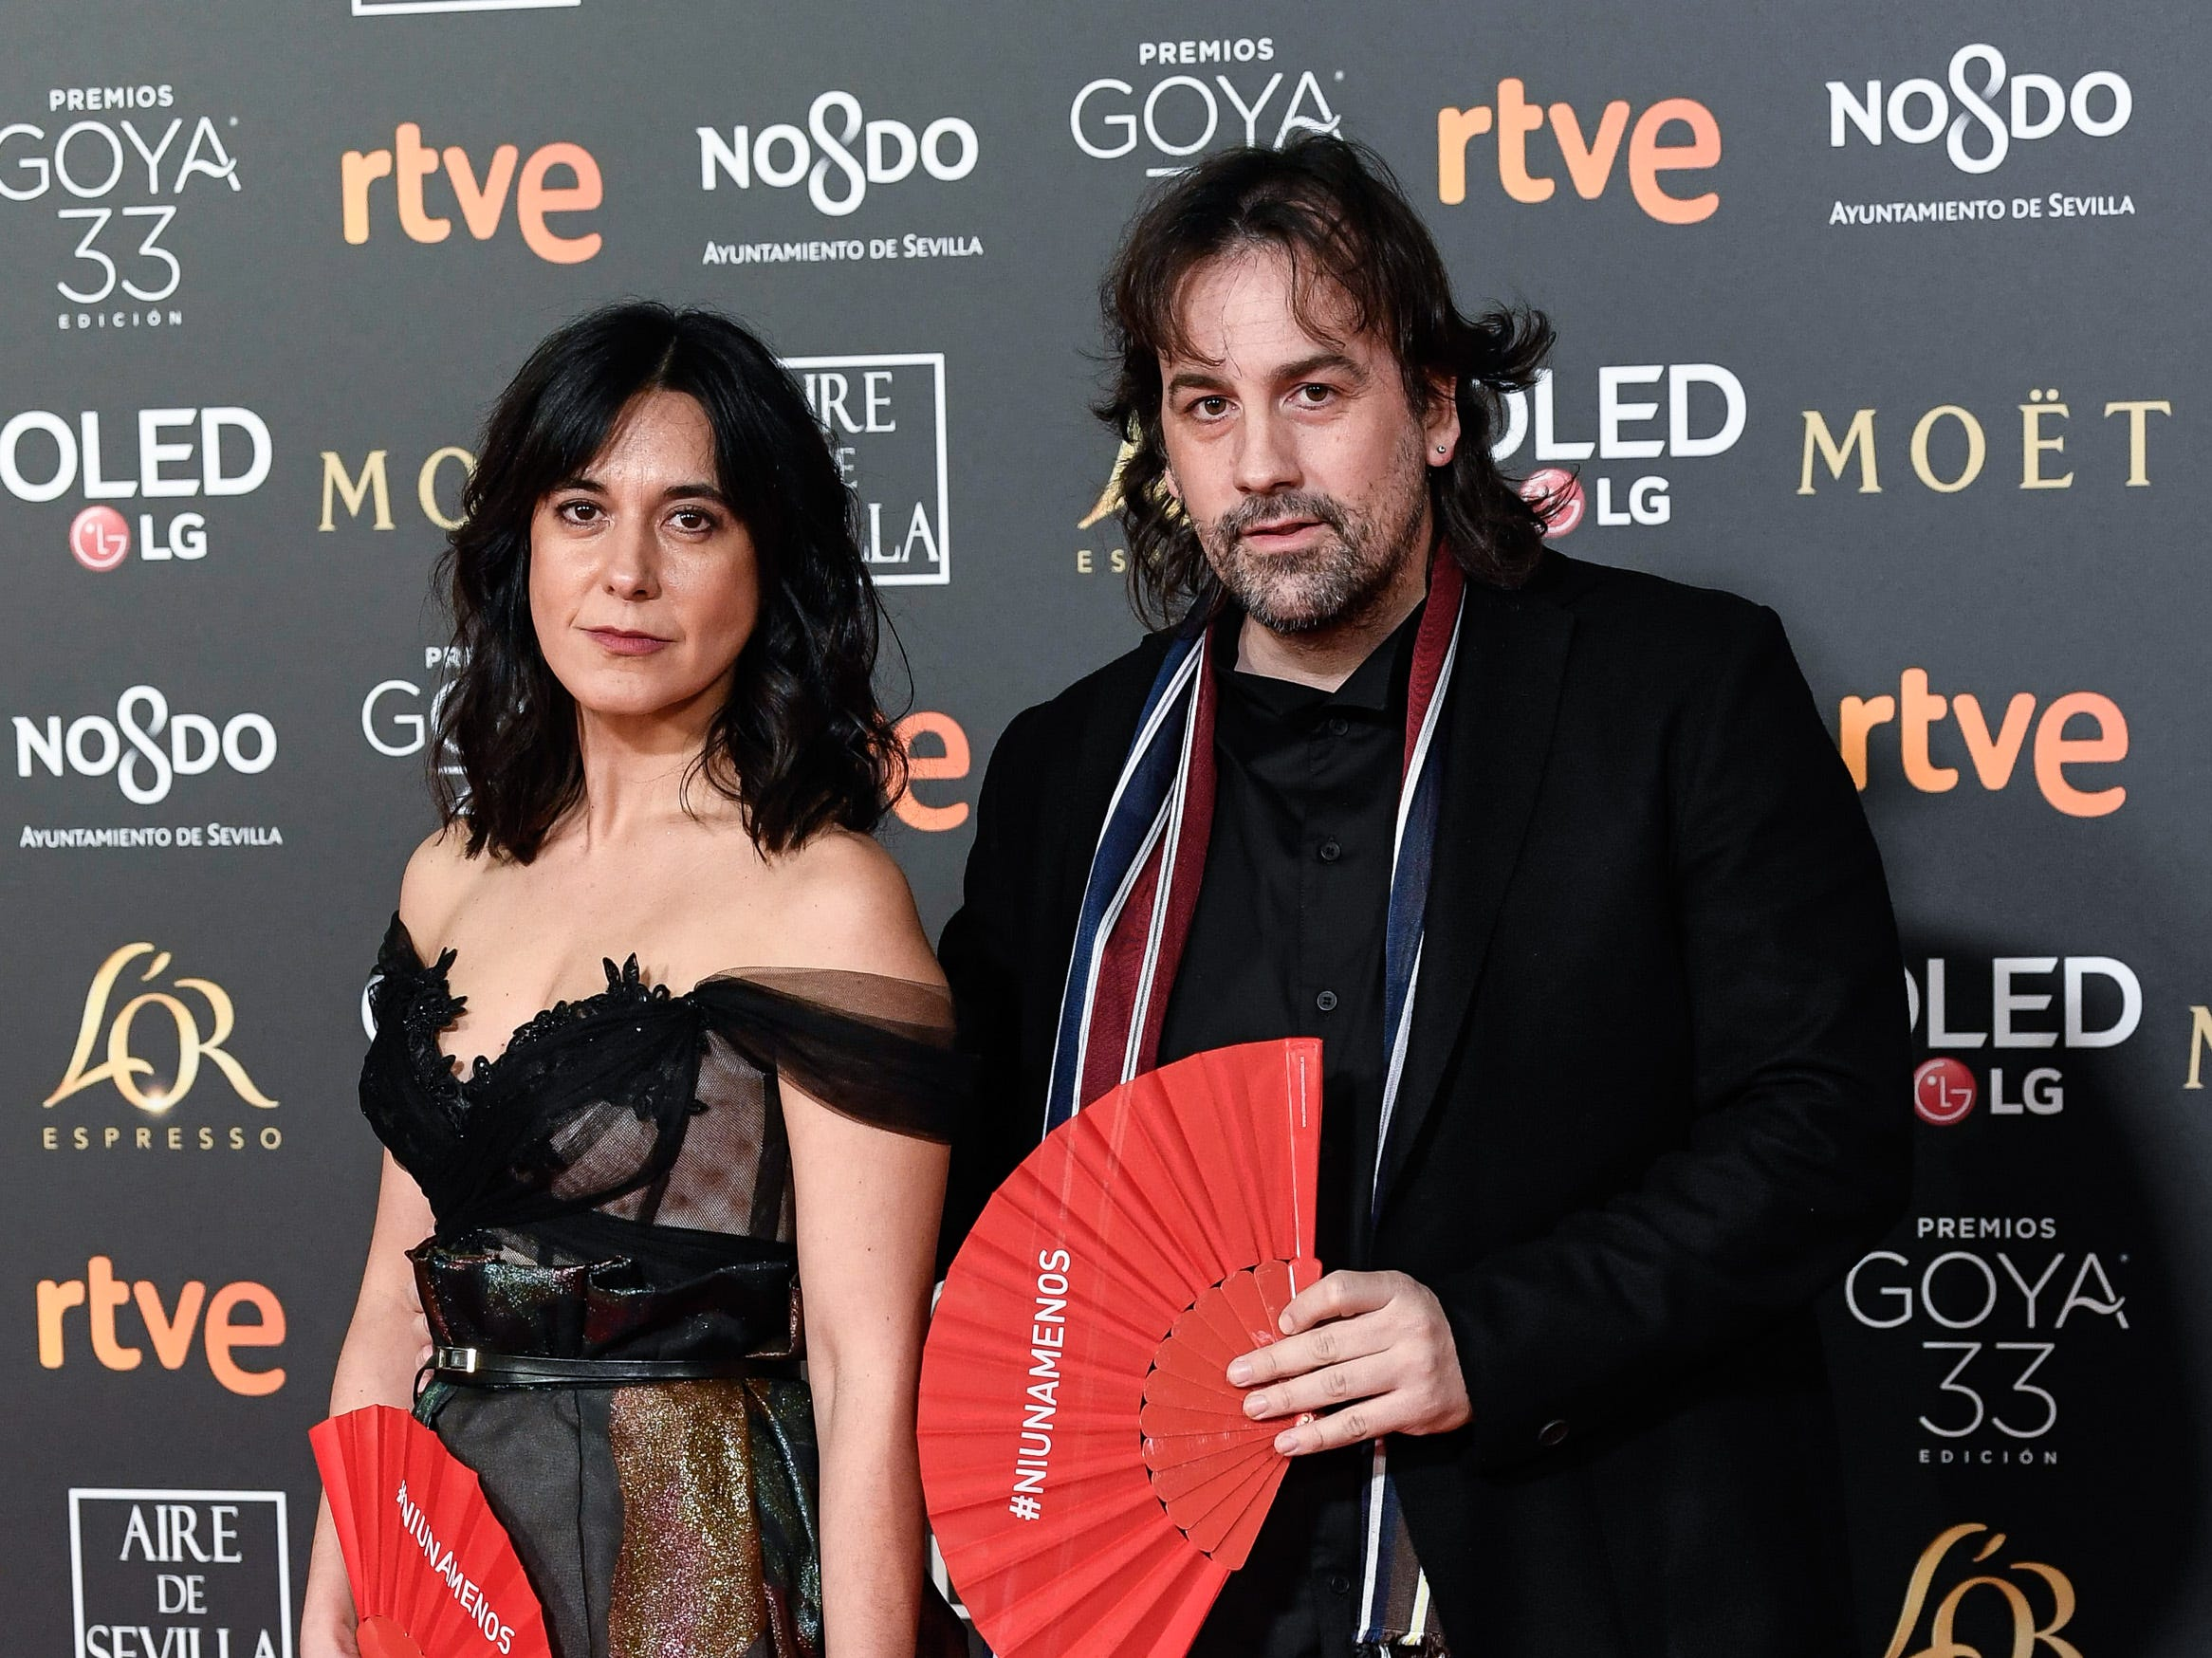 Isa Campo y Isaki Lacuesta asiste a la 33ª edición de los Premios de Cine Goya en el Palacio de Congresos y Exposiciones FIBES el 2 de febrero de 2019 en Sevilla, España.